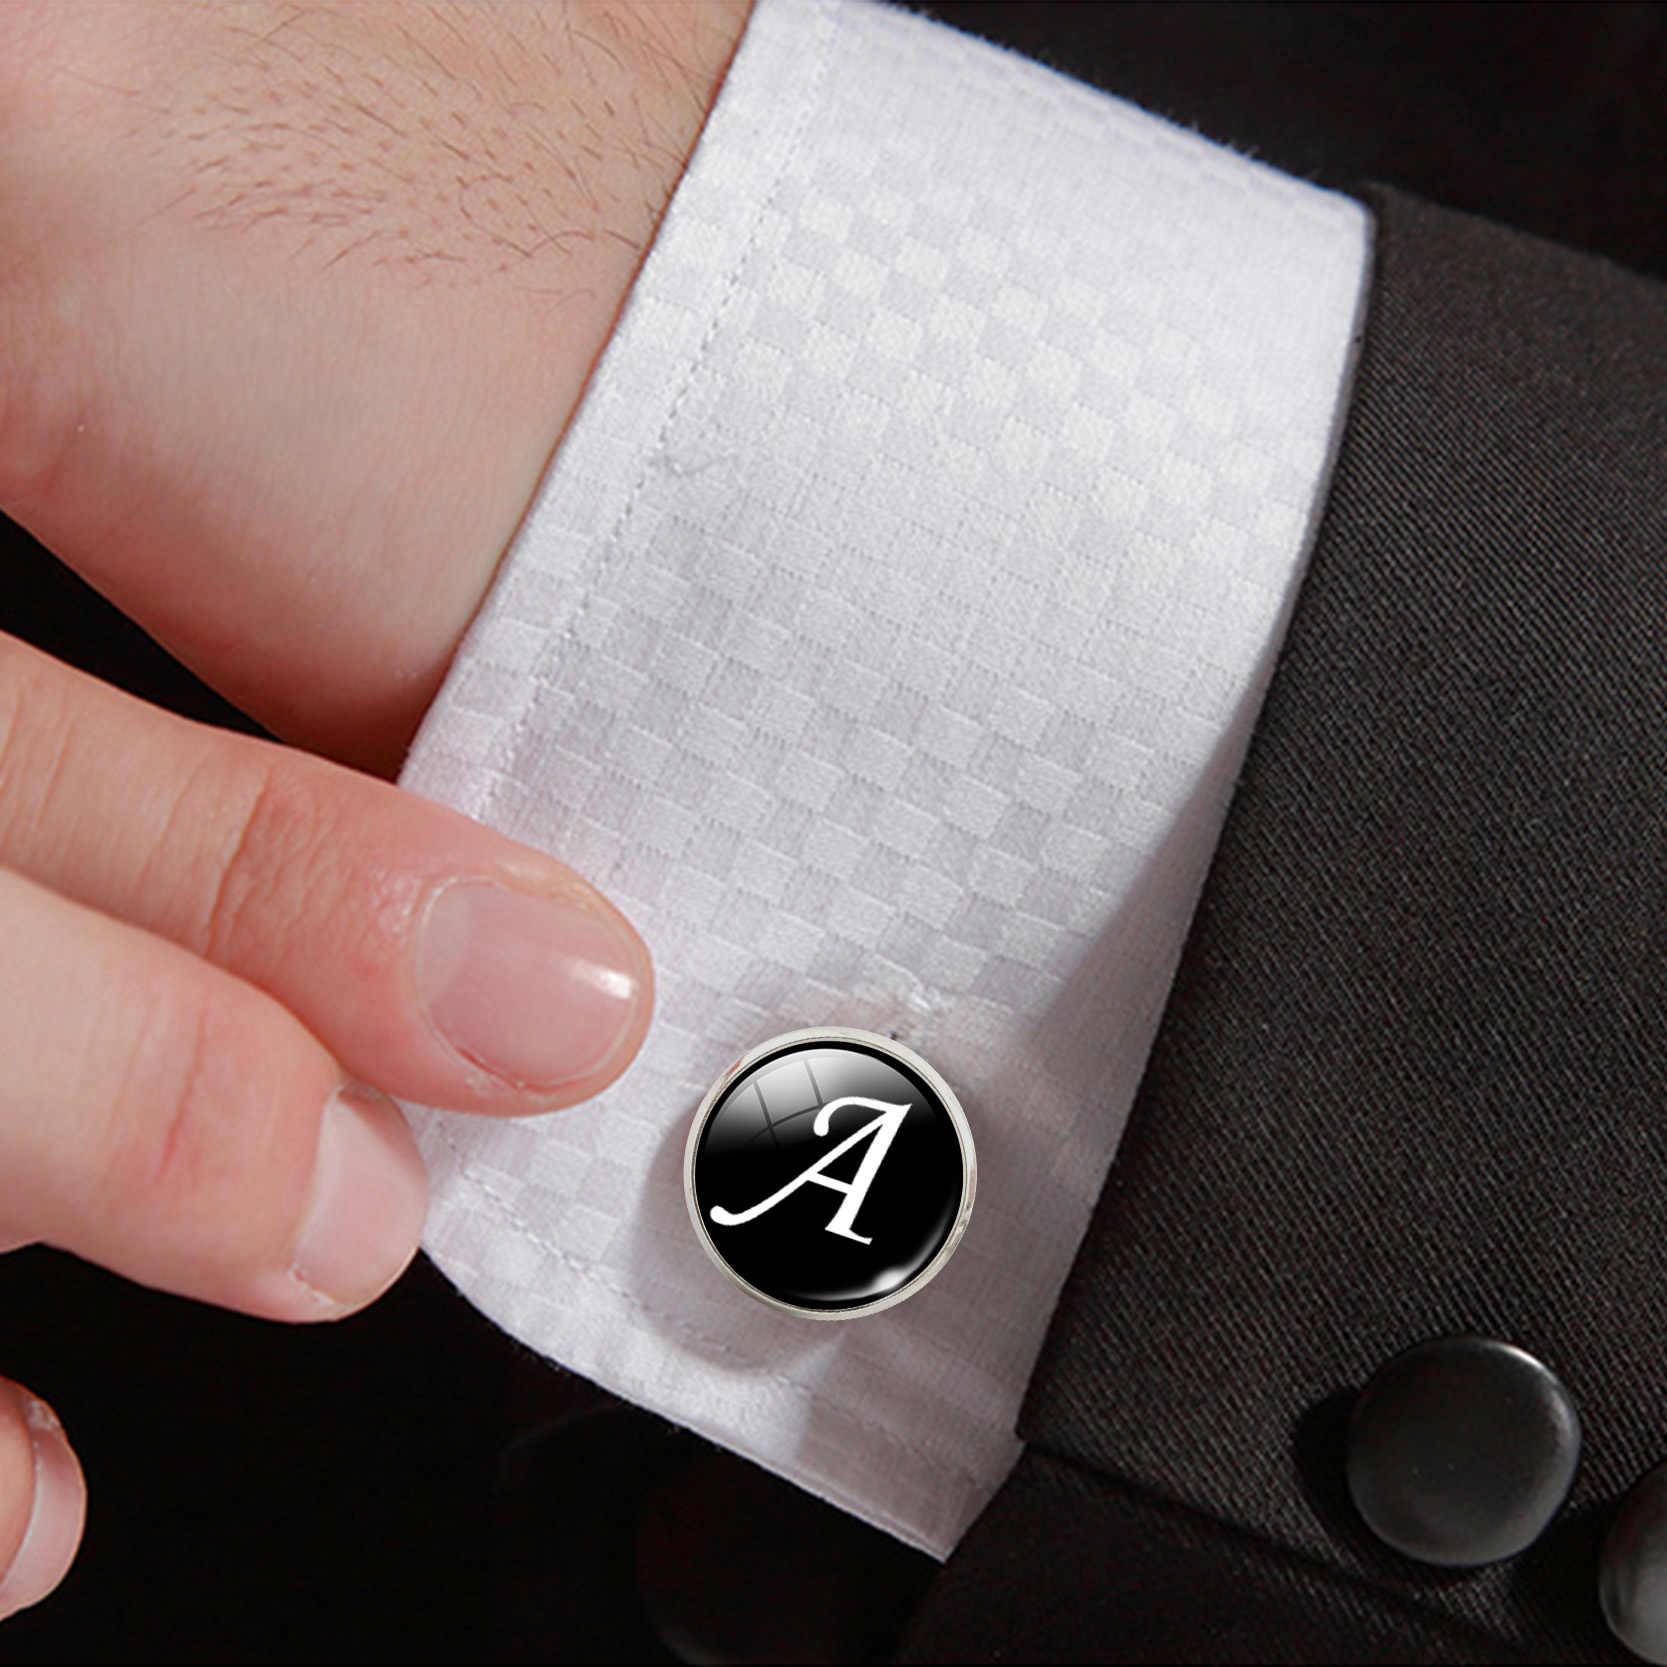 Erkek moda A-Z tek alfabe kol düğmeleri gümüş renk mektup manşet düğmesi erkek beyefendi gömlek düğün kol düğmeleri hediyeler